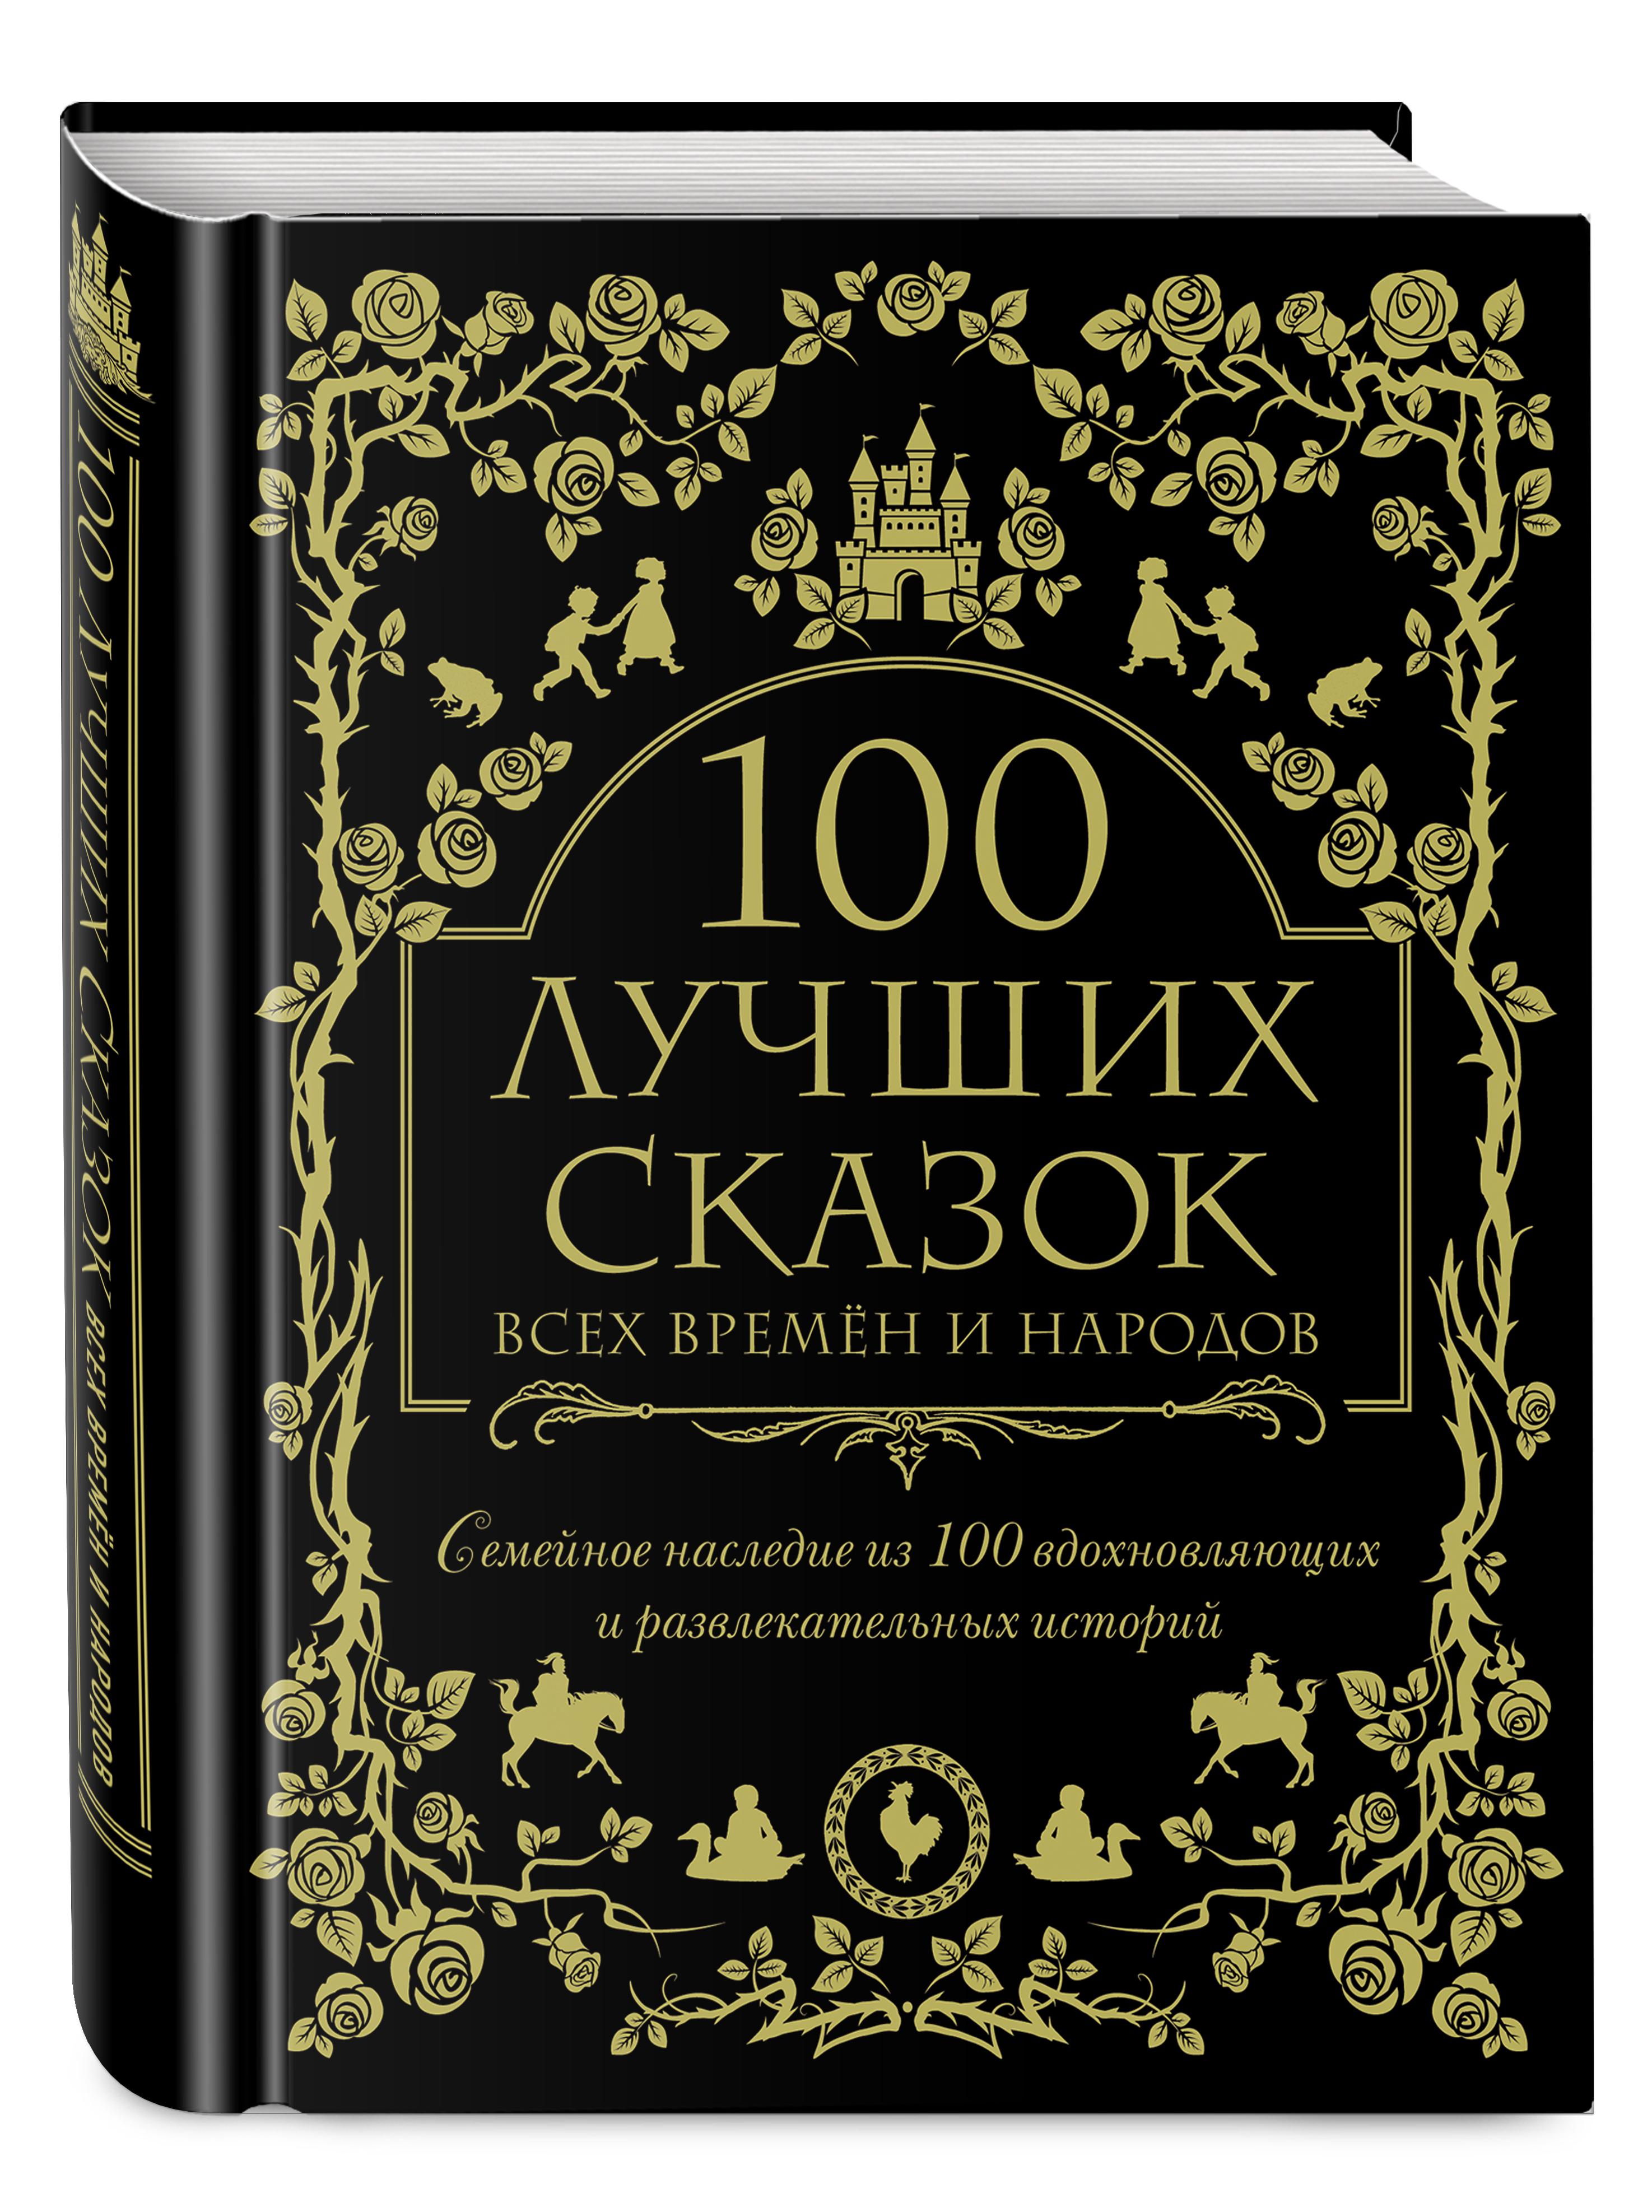 100 лучших сказок всех времен и народов королева е ред большая книга лучших притч всех времен и народов